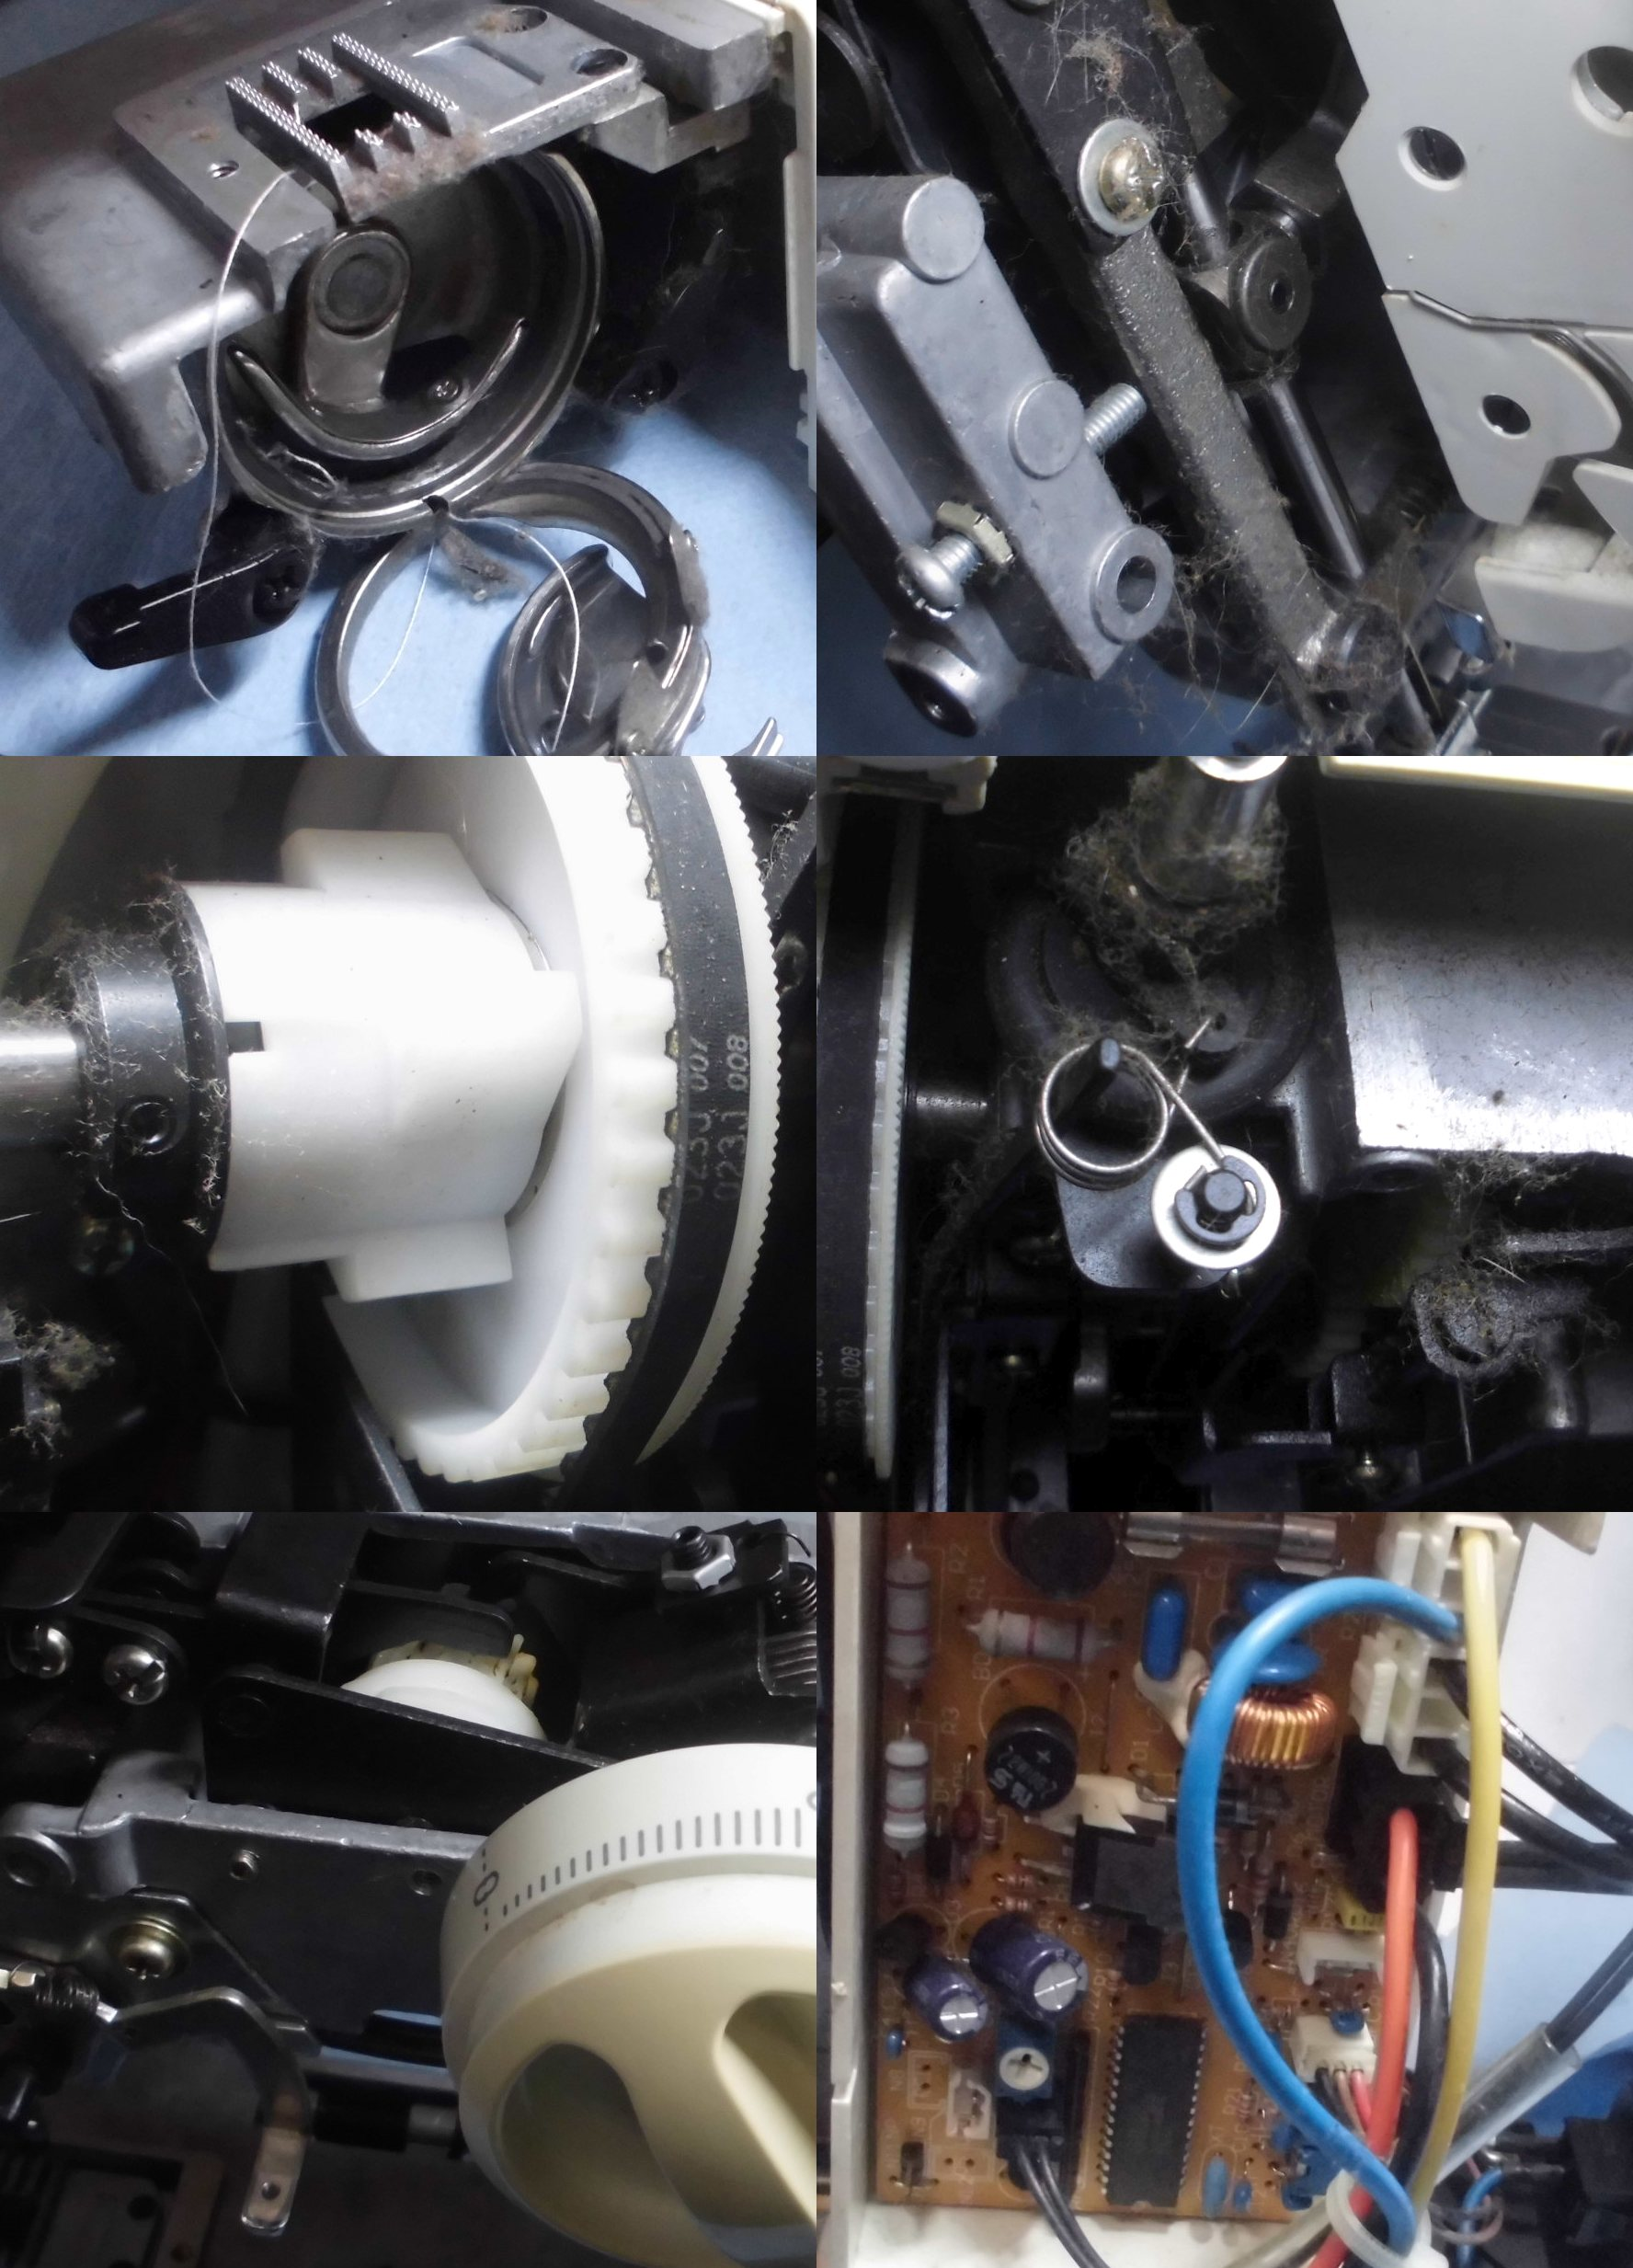 山崎範夫のミシンAG-002の故障や不具合|糸調子が悪い、異音、糸切れ、糸絡み